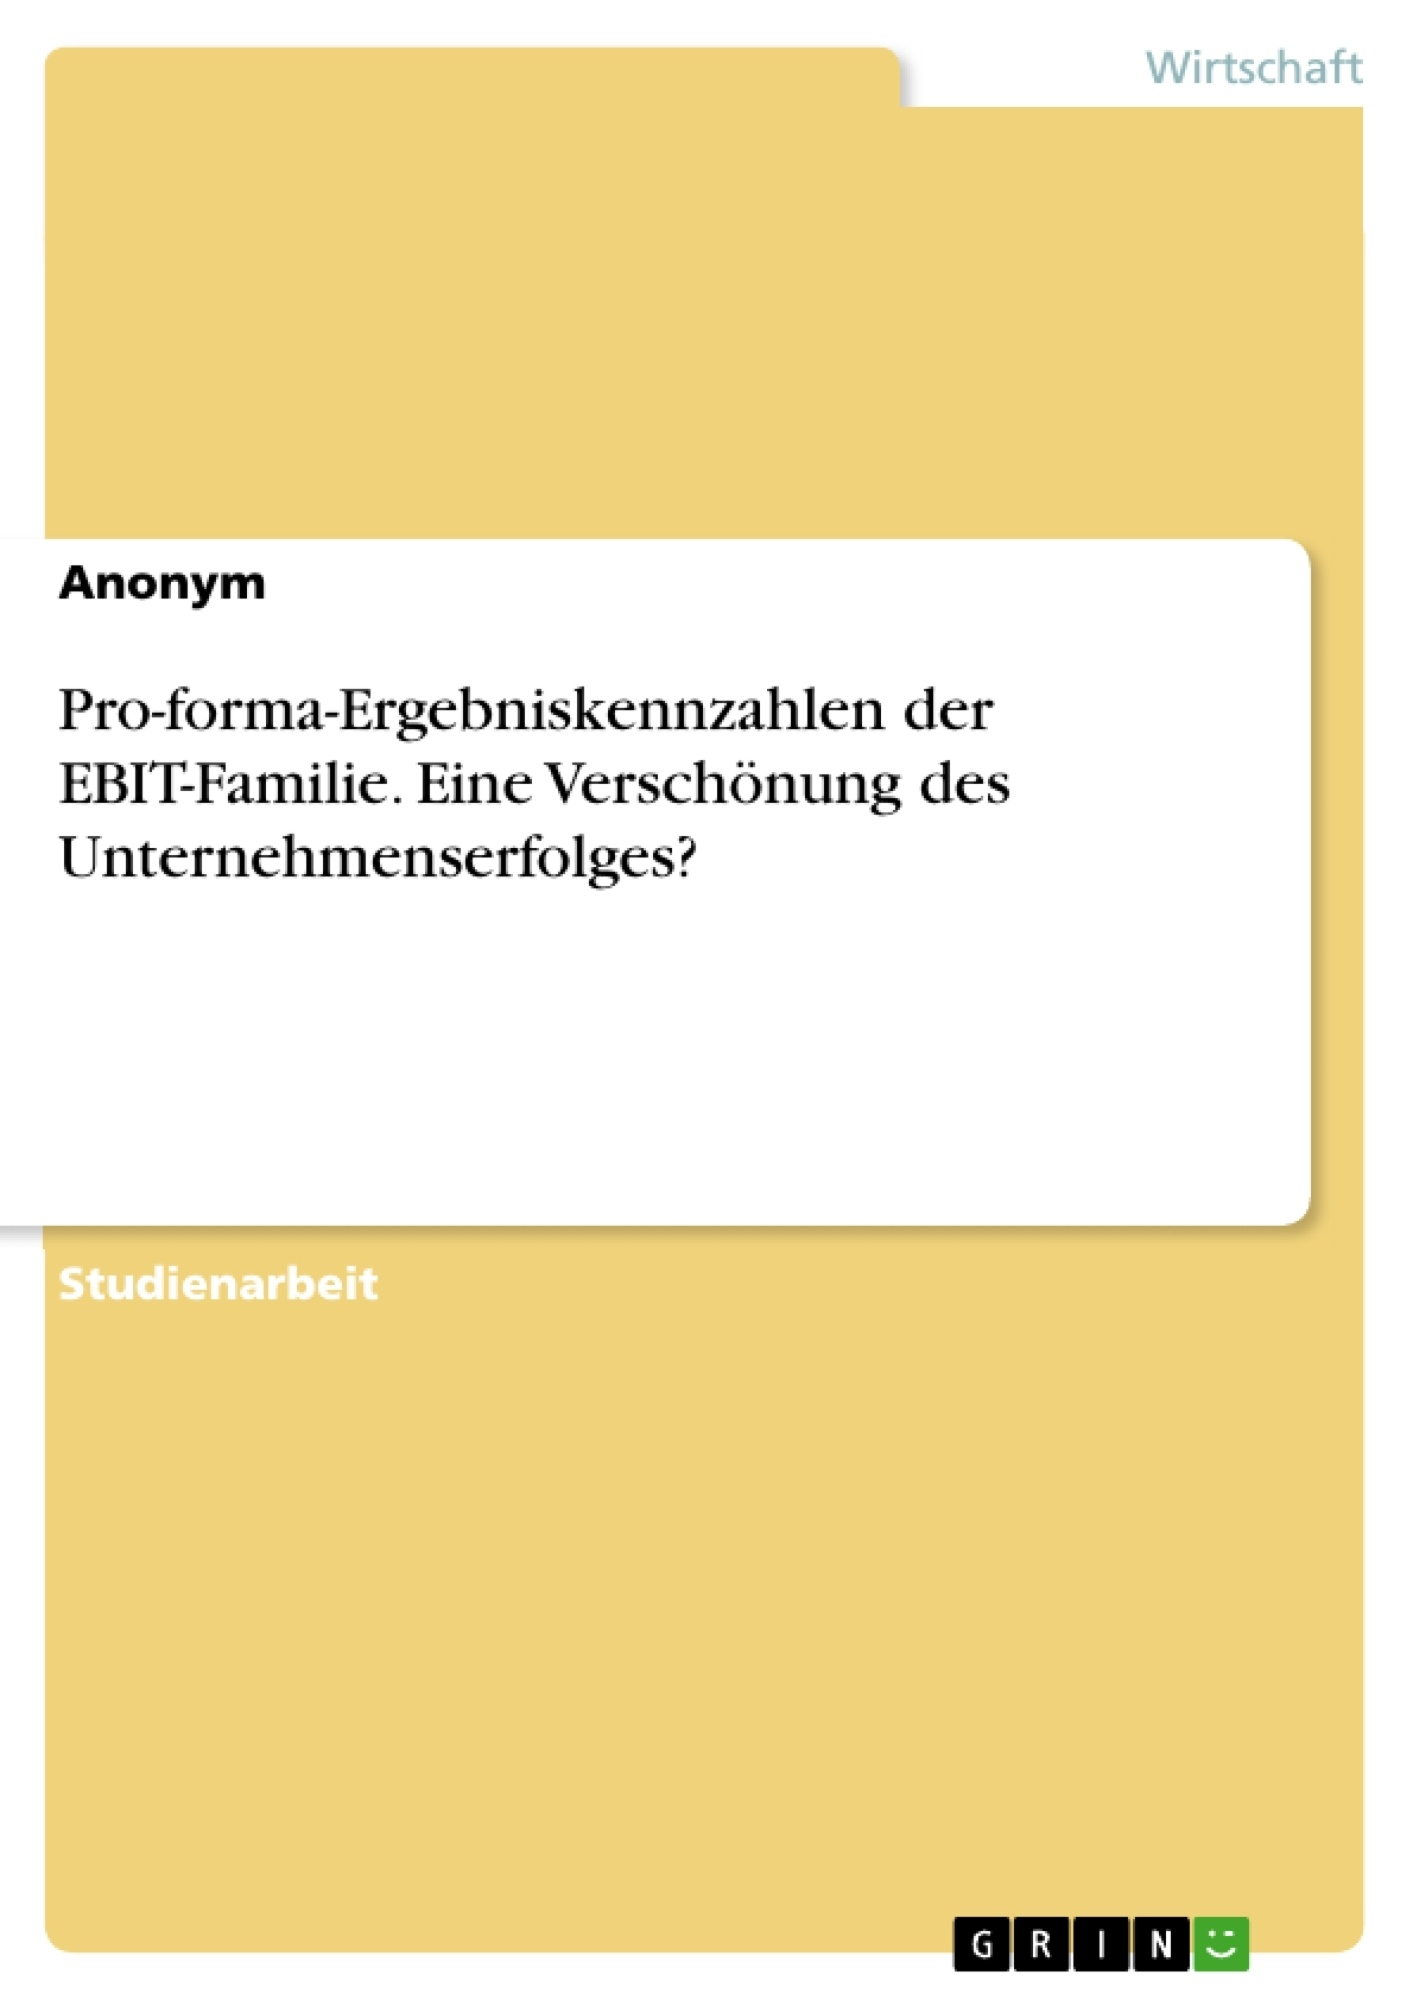 Titel: Pro-forma-Ergebniskennzahlen der EBIT-Familie. Eine Verschönung des Unternehmenserfolges?